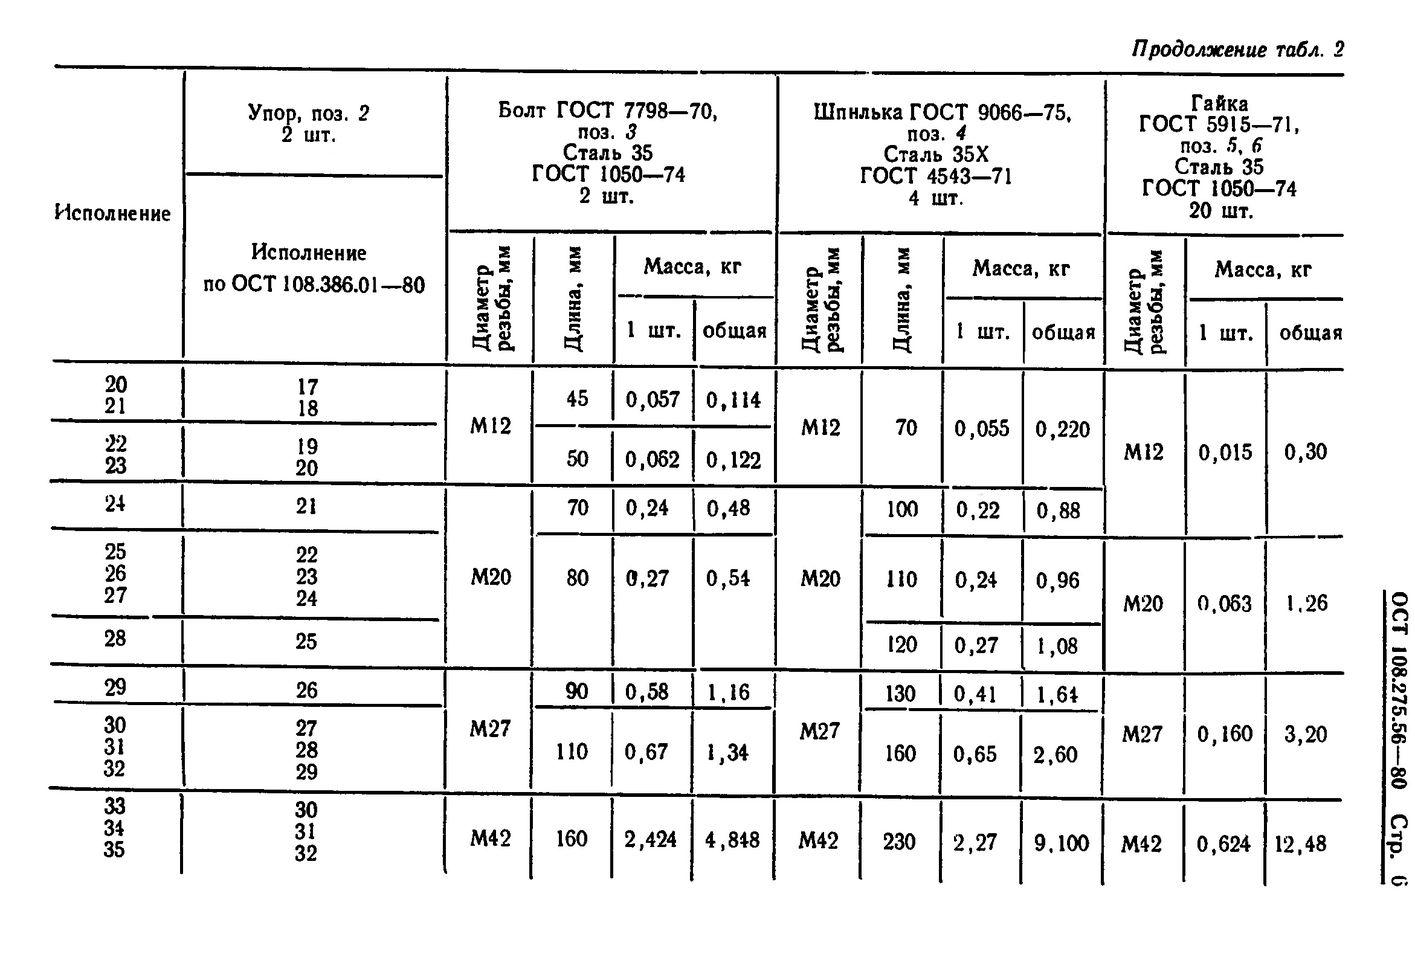 Блоки хомутовые для подвесок вертикальных трубопроводов ОСТ 108.275.56-80 стр.6